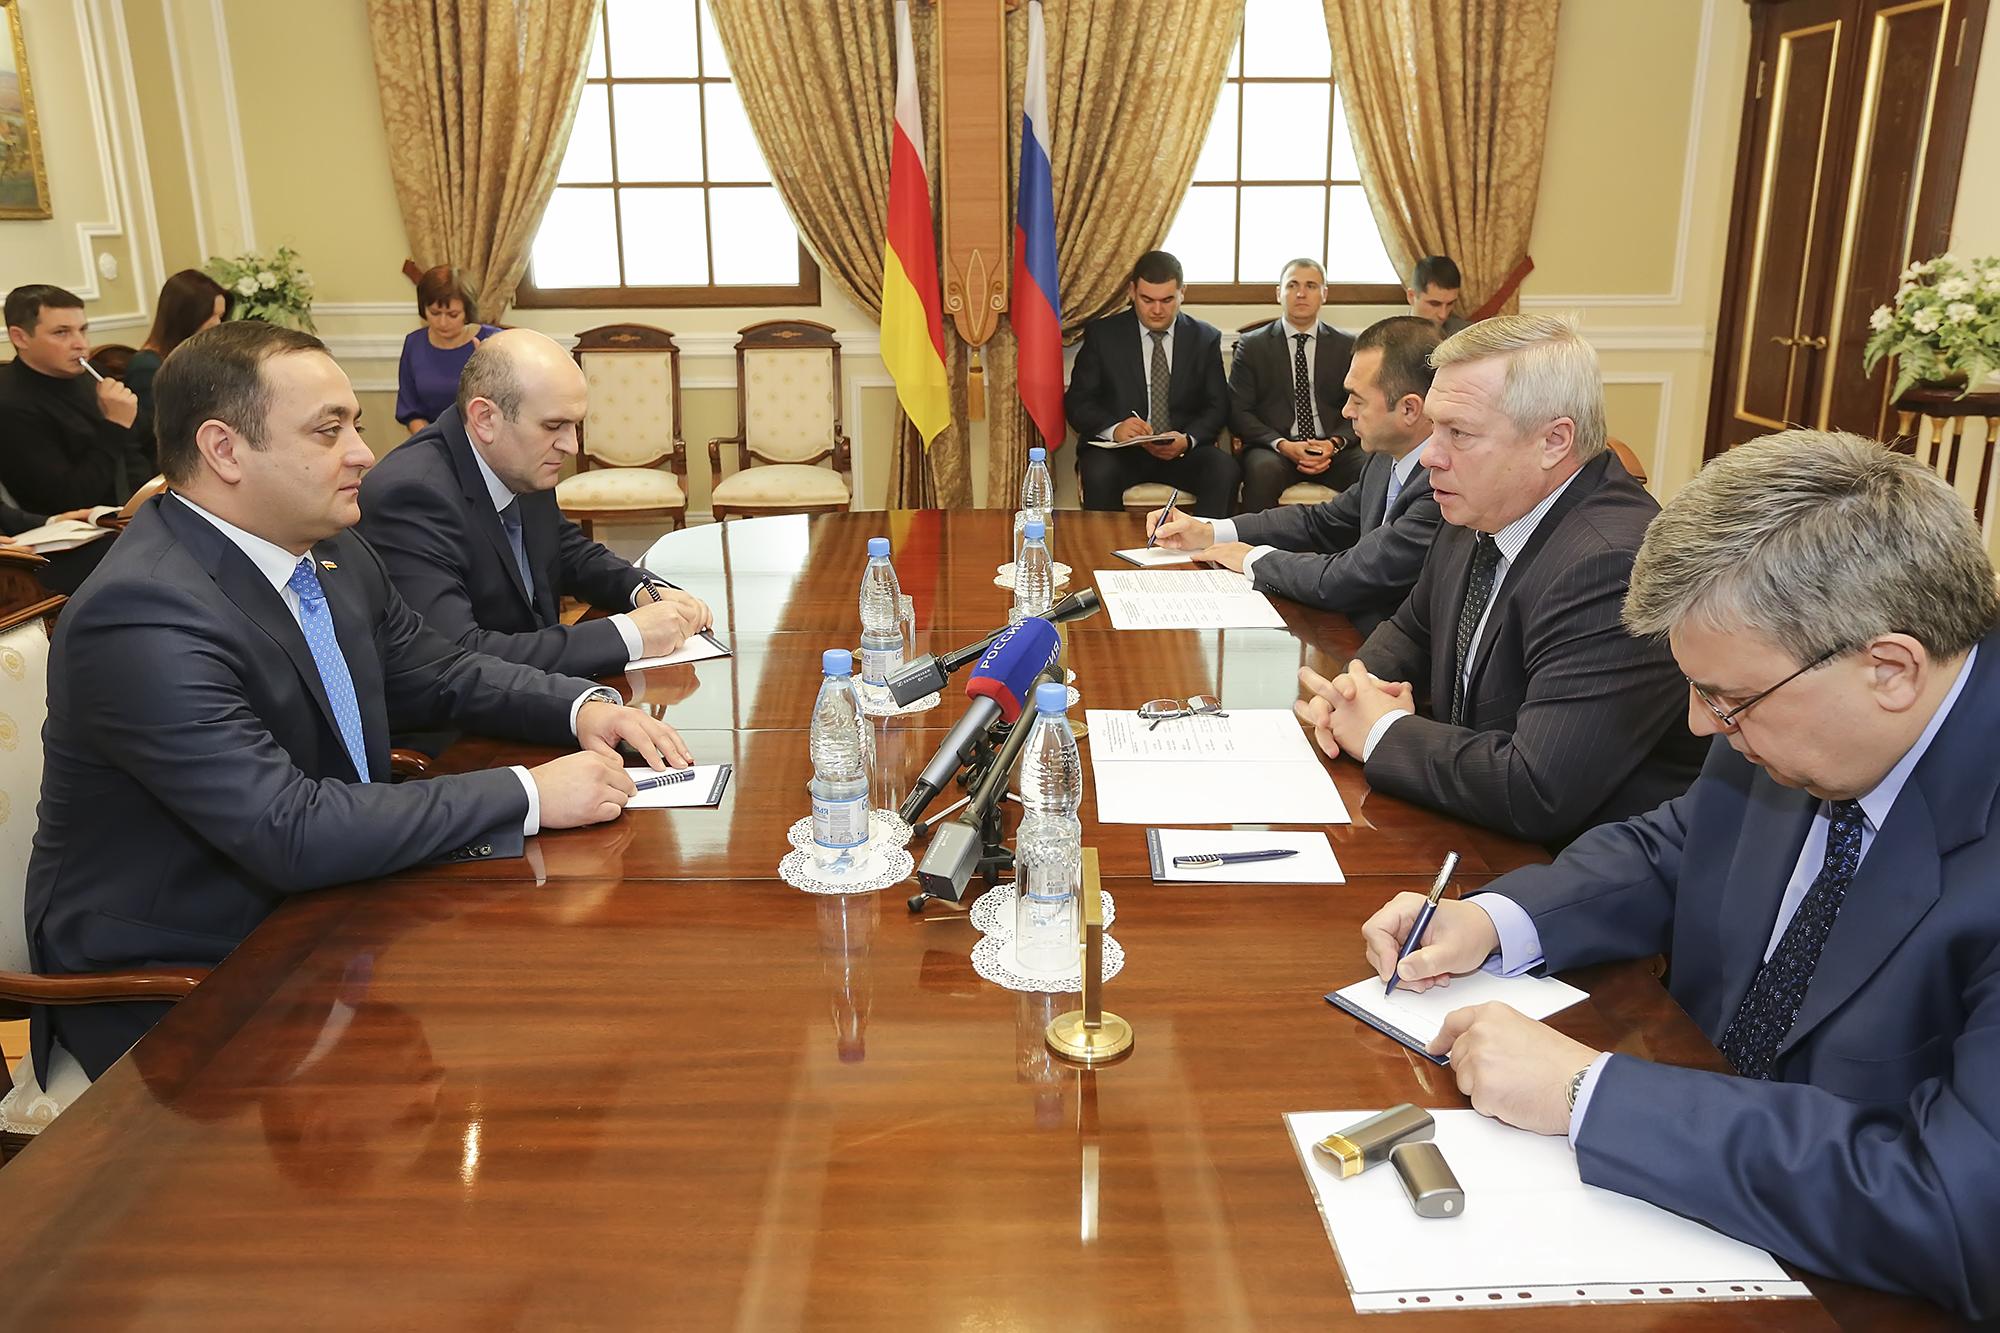 Республика Южная Осетия и Ростовская область намерены развивать экономические связи